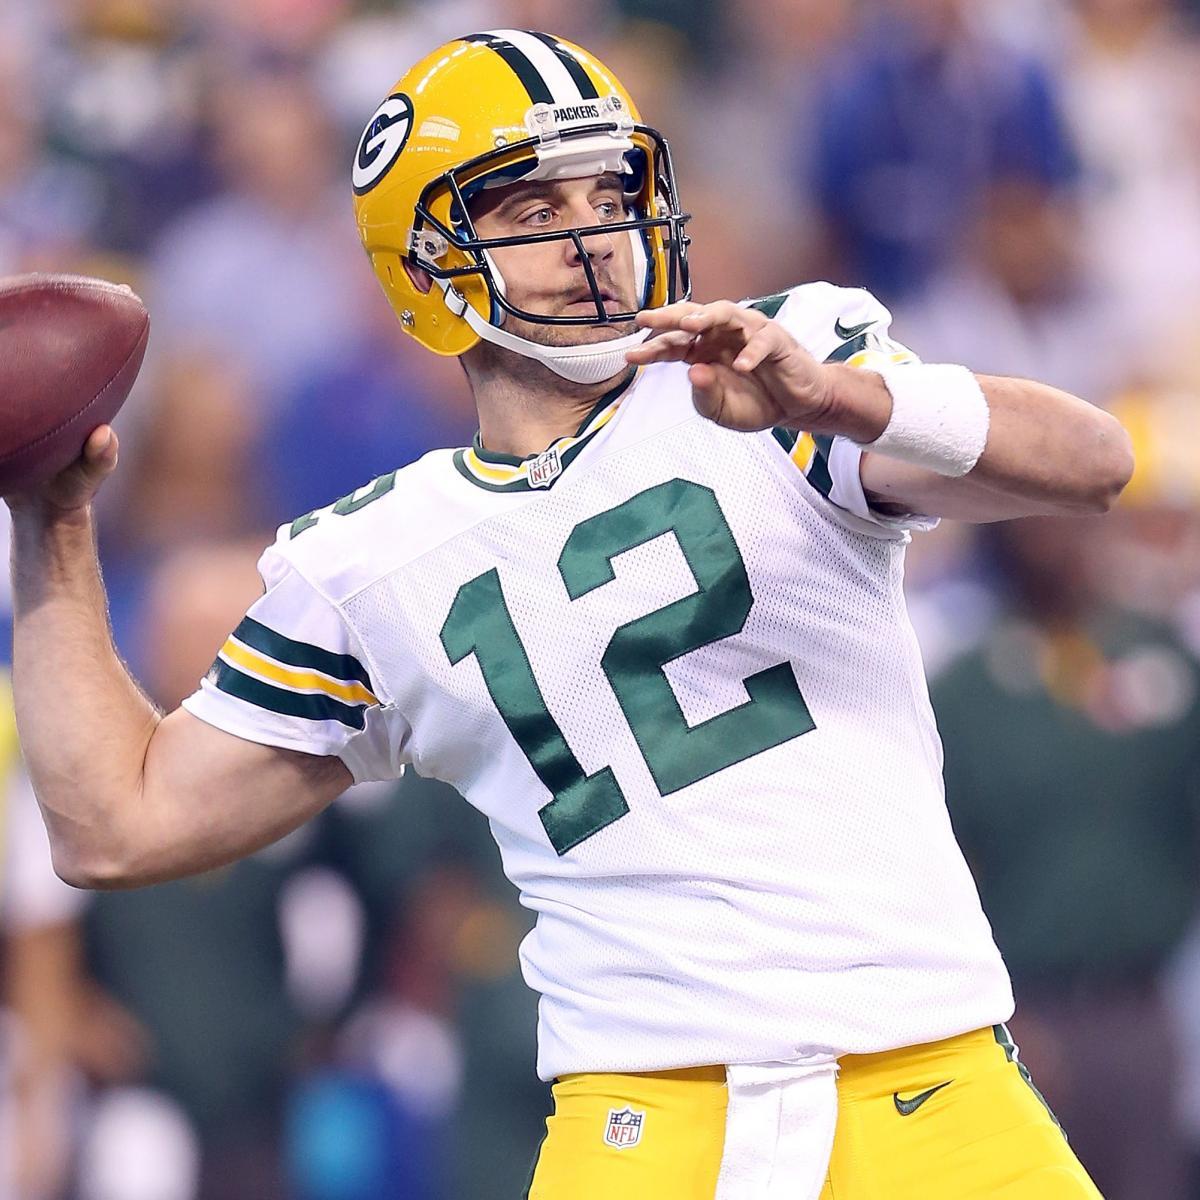 Week 11 Giants Vs Packers: NFL Week 6 Picks: Green Bay Packers Vs. Houston Texans